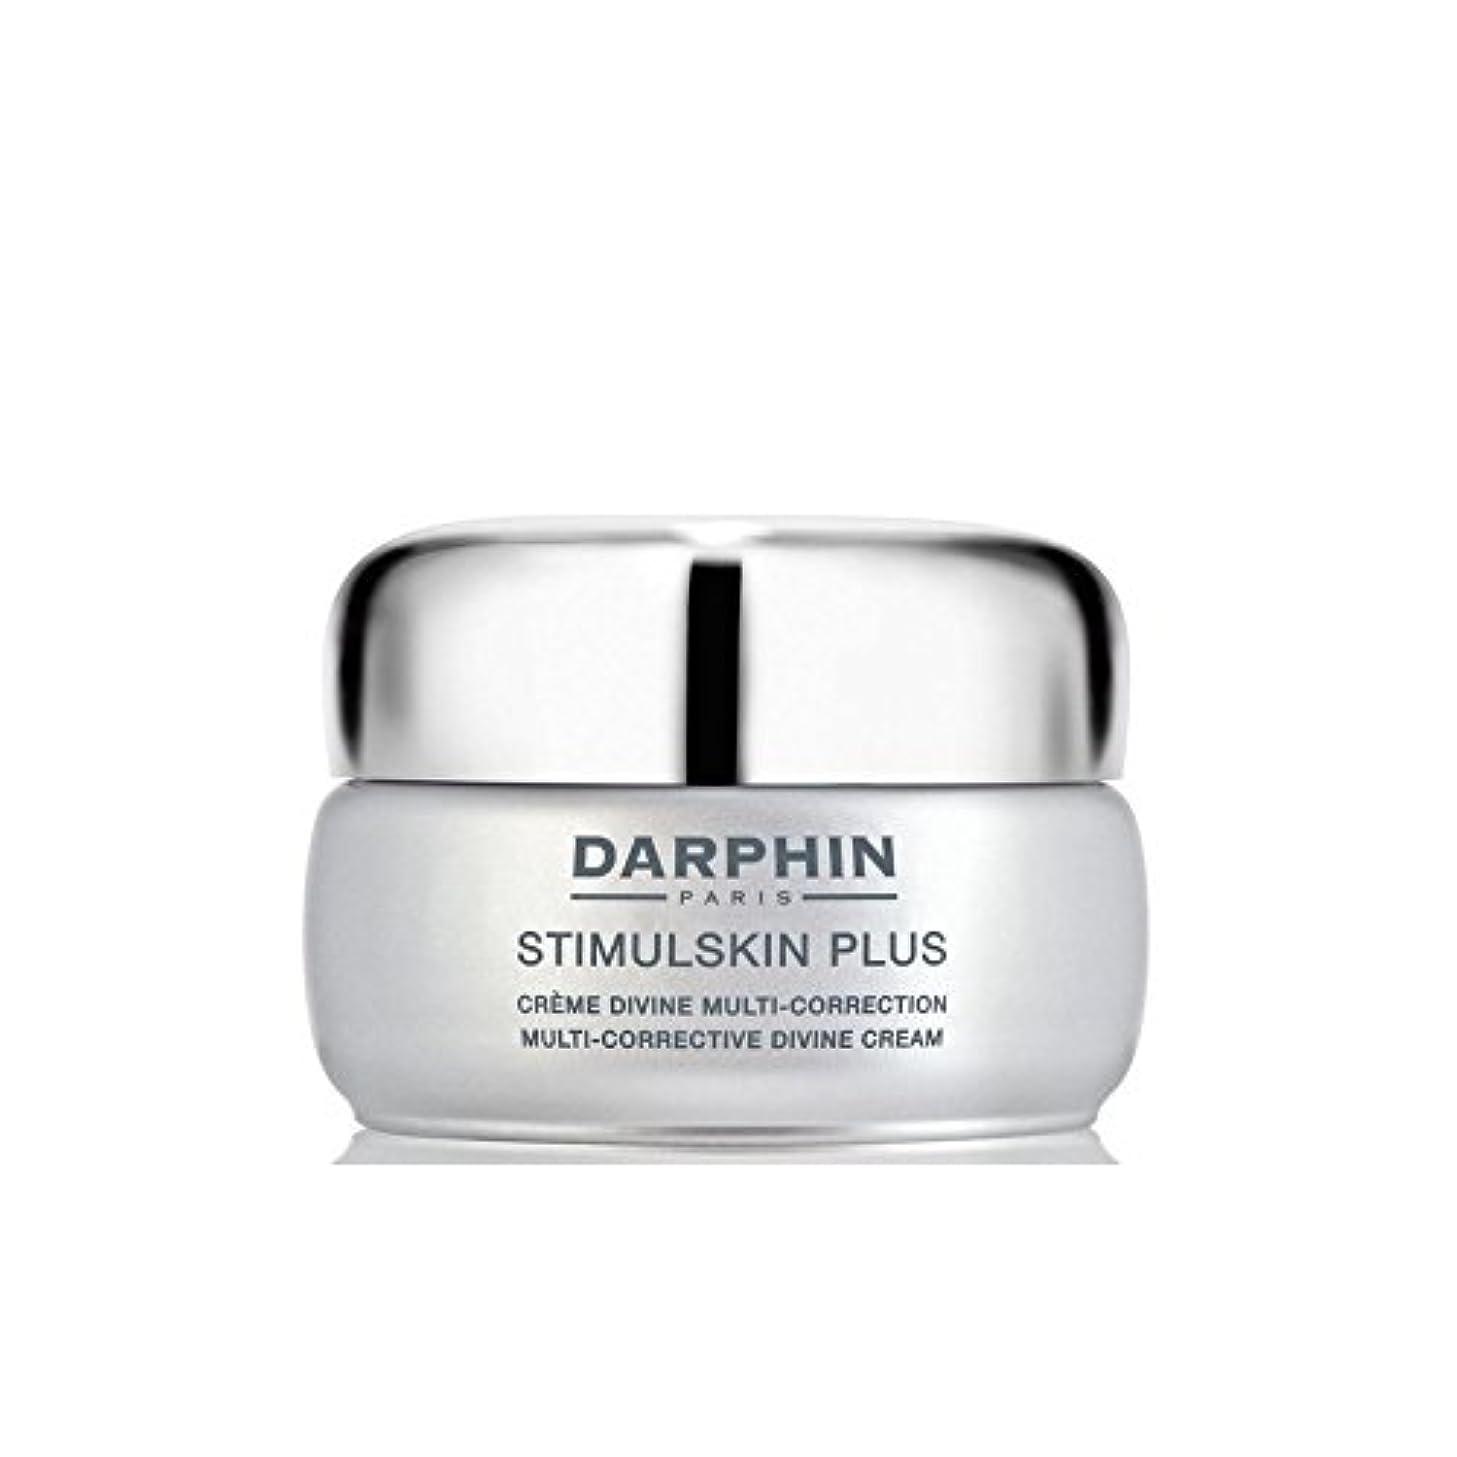 知恵セールエンドウダルファンスティプラスマルチ是正神クリーム - 豊富 x2 - Darphin Stimulskin Plus Multi-Corrective Divine Cream - Rich (Pack of 2) [並行輸入品]